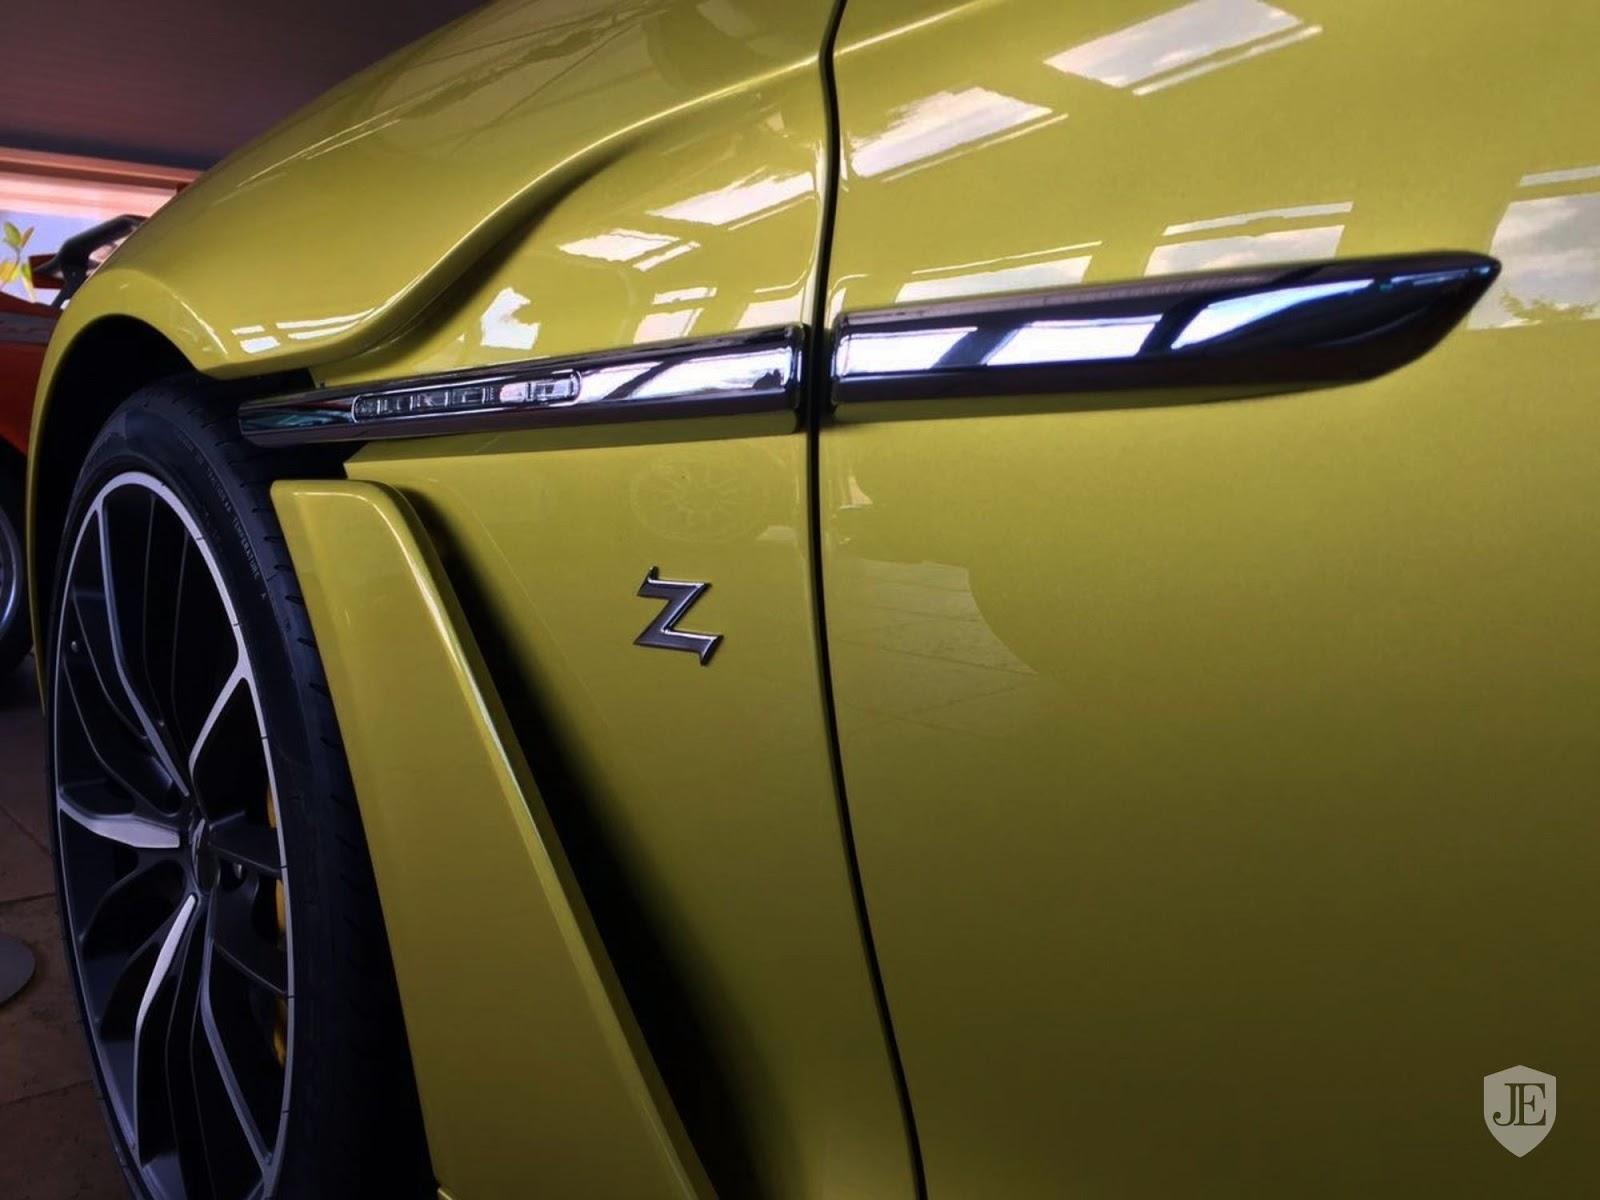 Aston Martin Vanquish Zagato yellow (17)